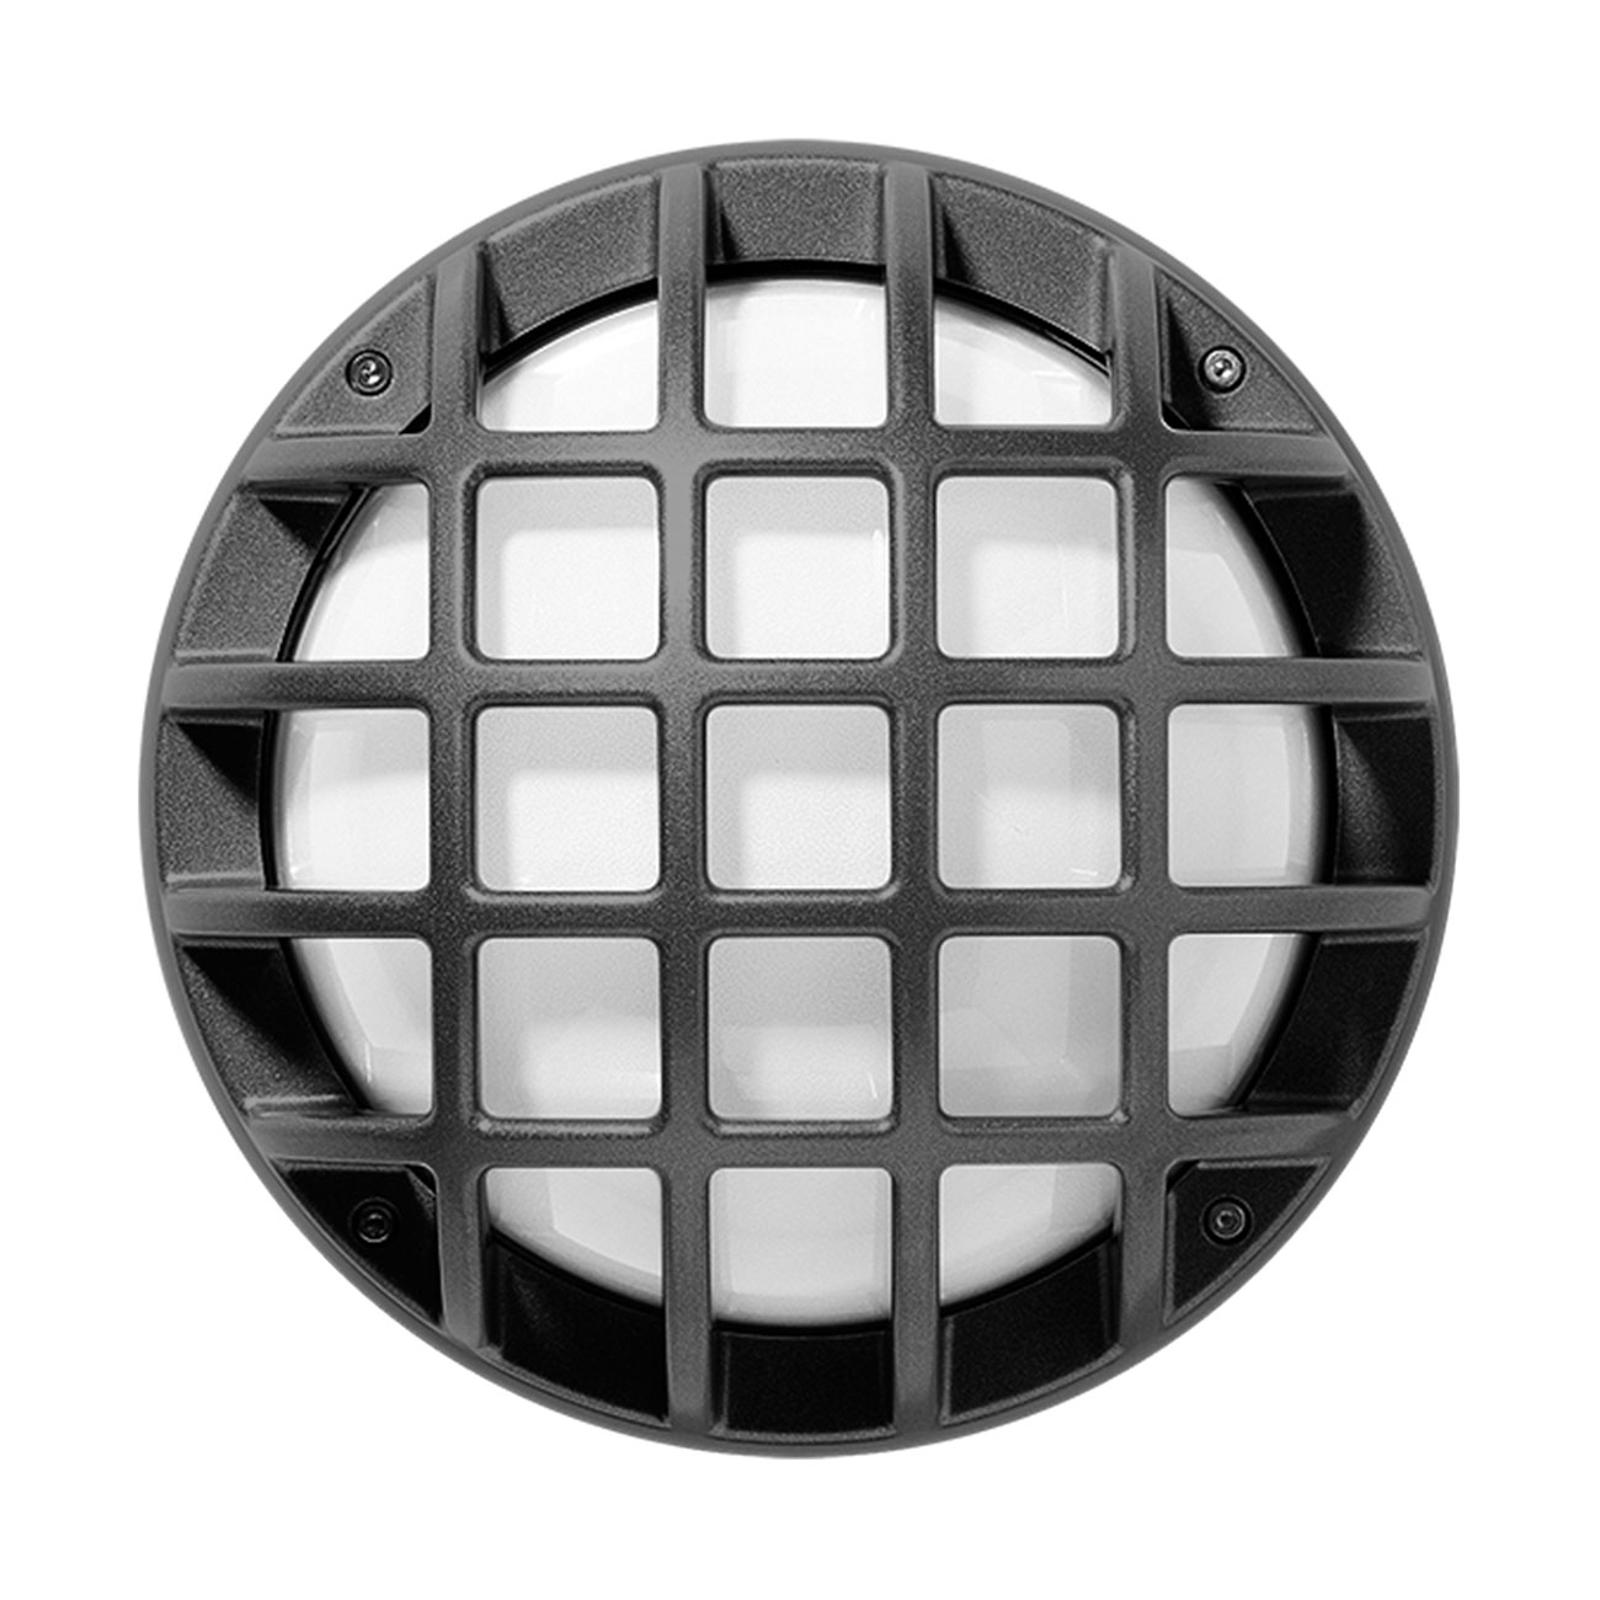 Buitenwandlamp Eko+21/G, E27, metallic antraciet